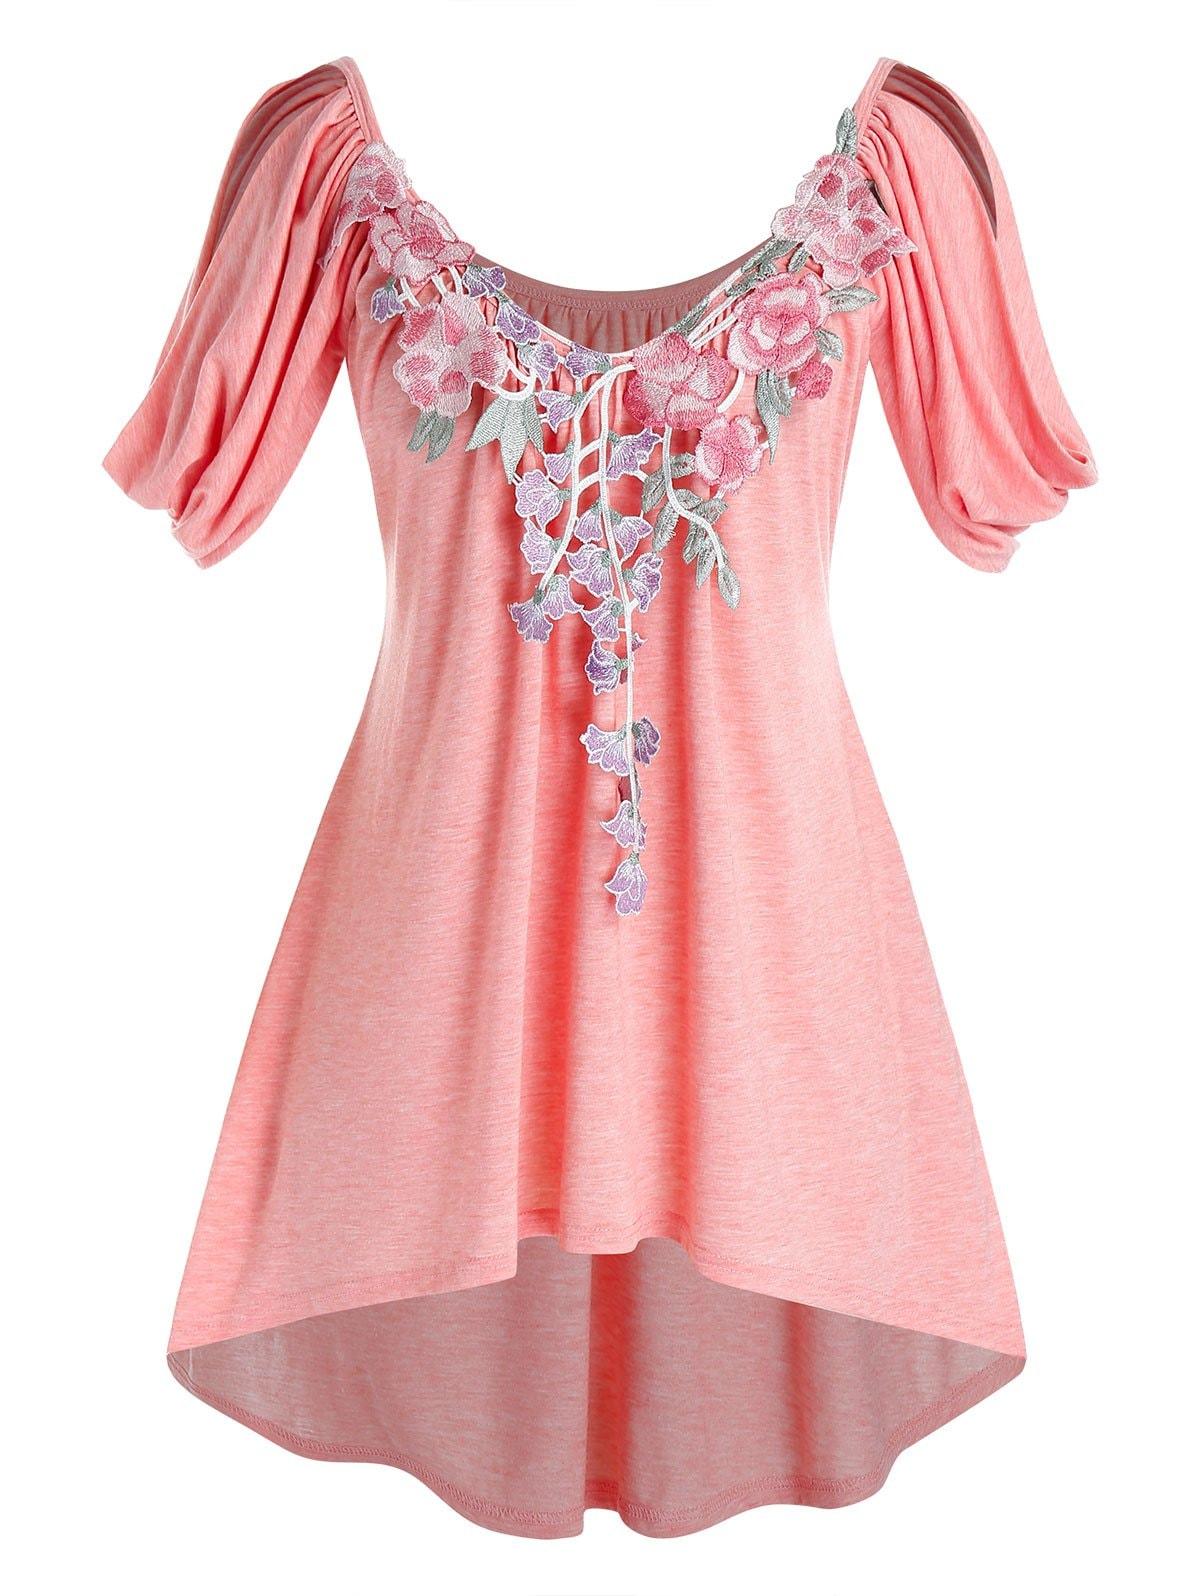 Plus Size Cowl Sleeve Floral Applique High Low T Shirt